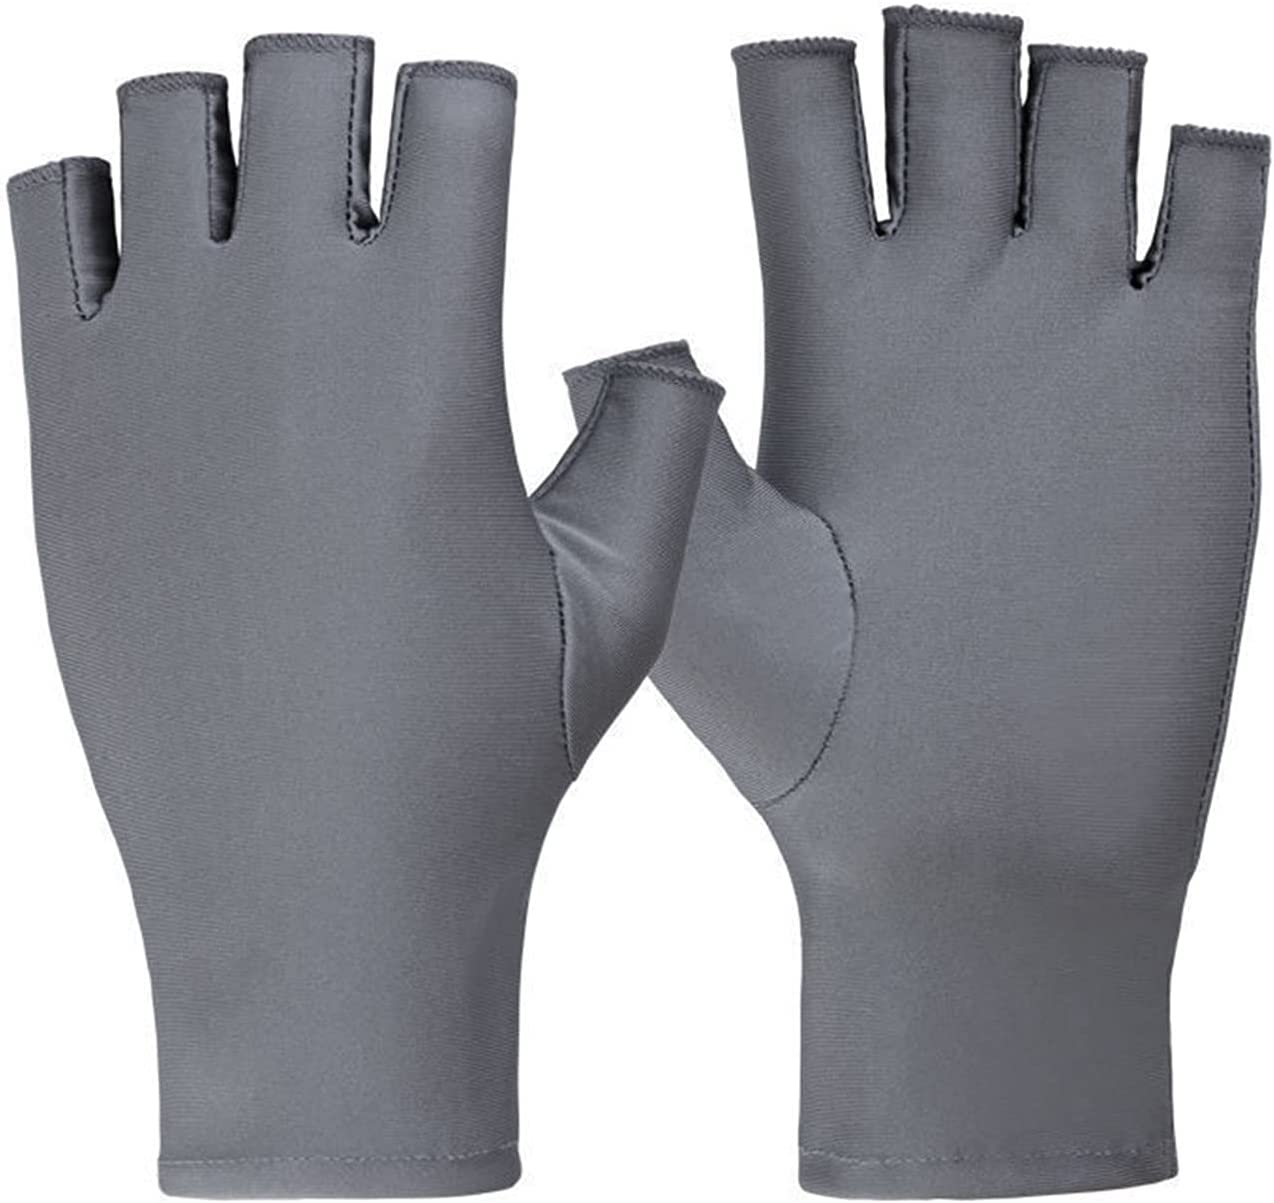 LANREN Women Gloves Summer Breathable Thin Semi-Finger Driving Glove Solid Sunscreen Anti-Uv Fingerless Glove (Color : 5)